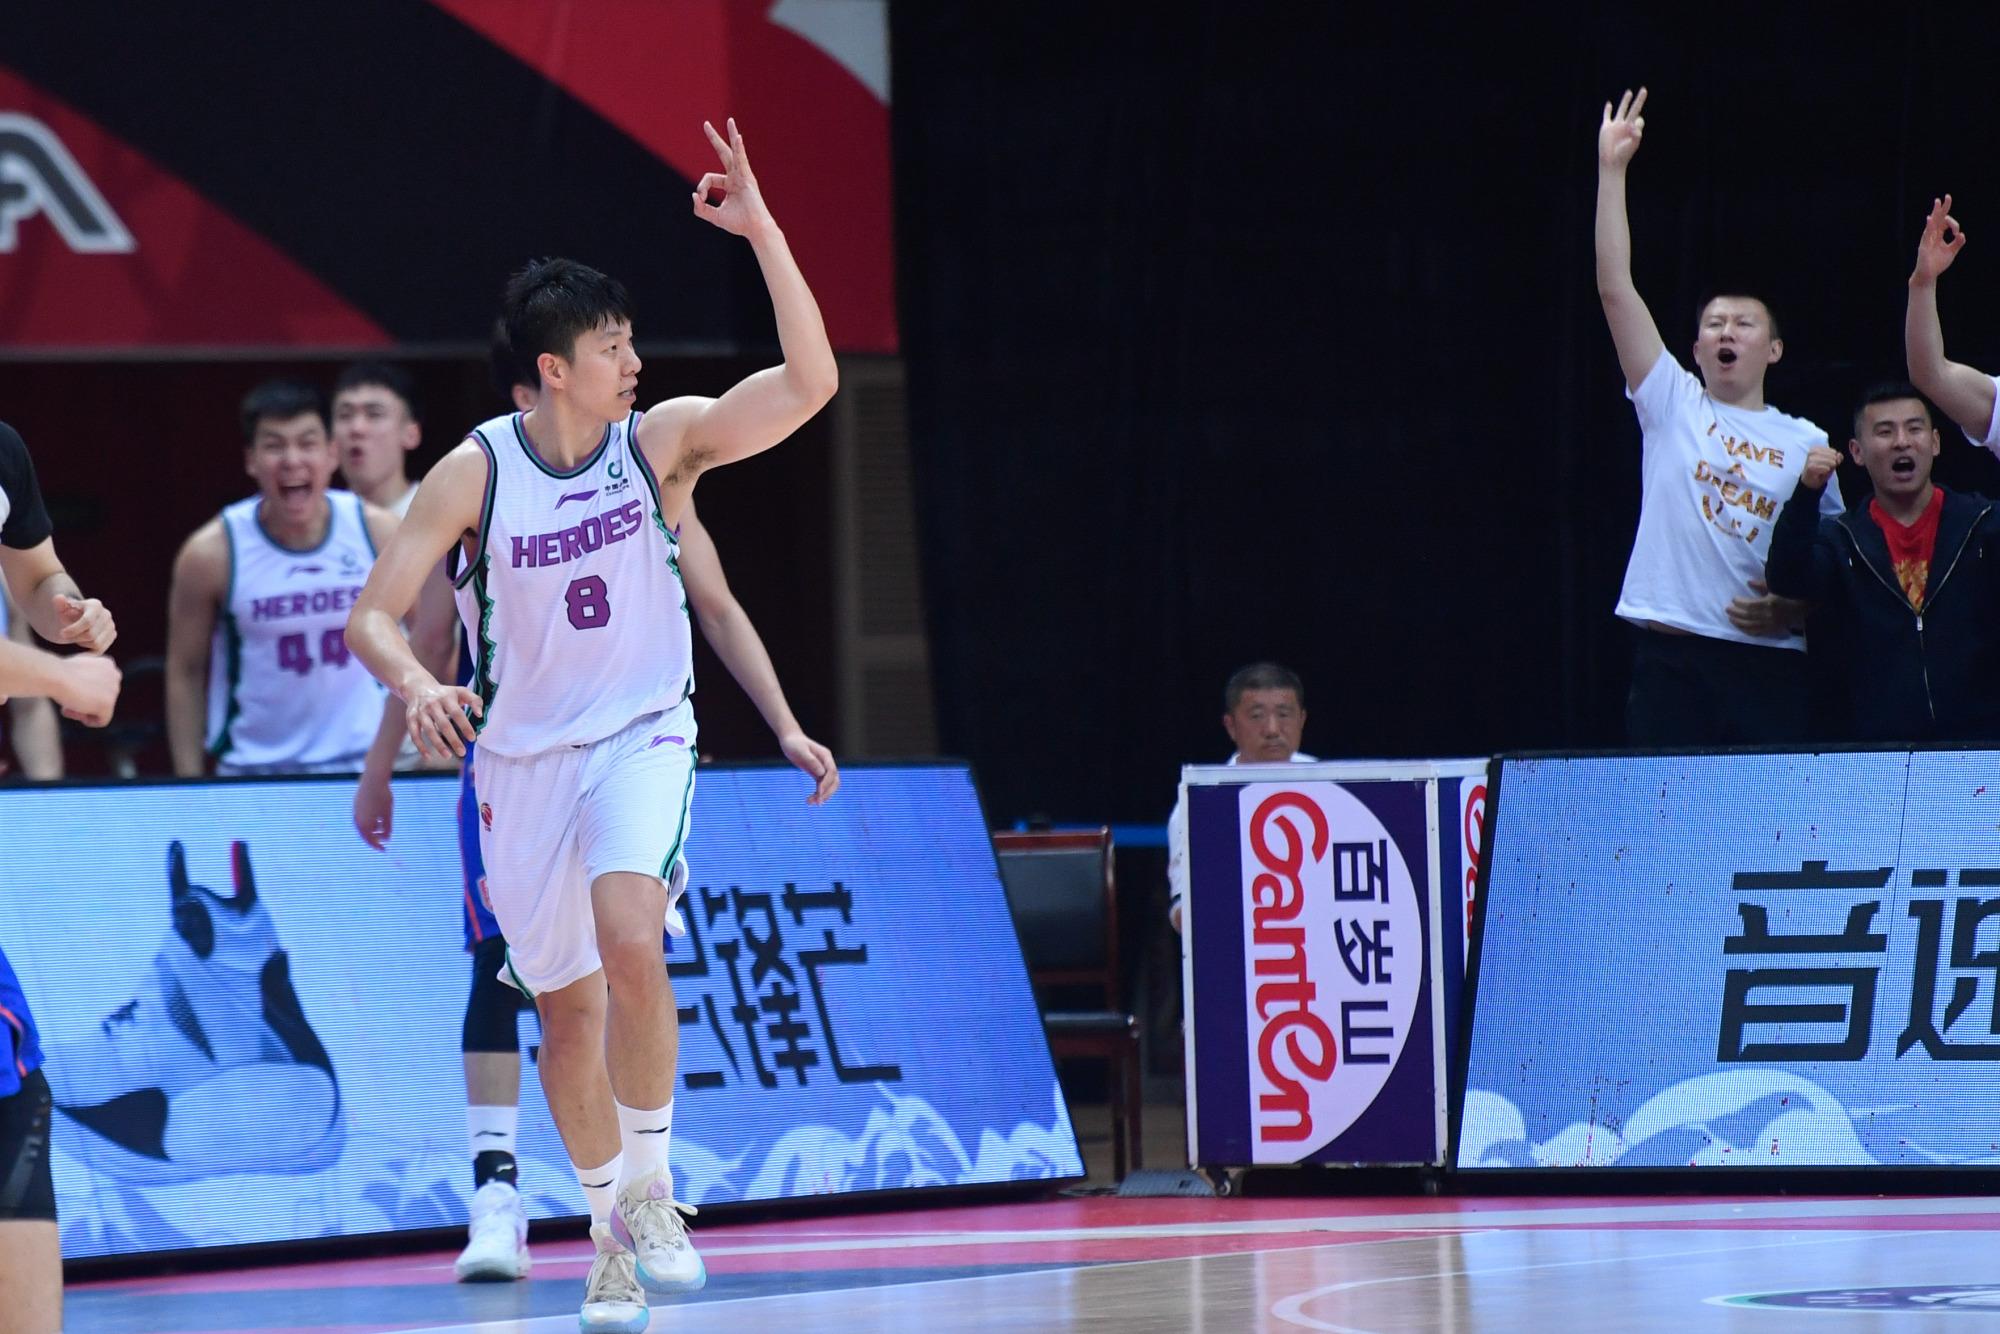 山东男篮赢球背后,一项缺点引起巩晓彬不满,或影响季后赛成绩